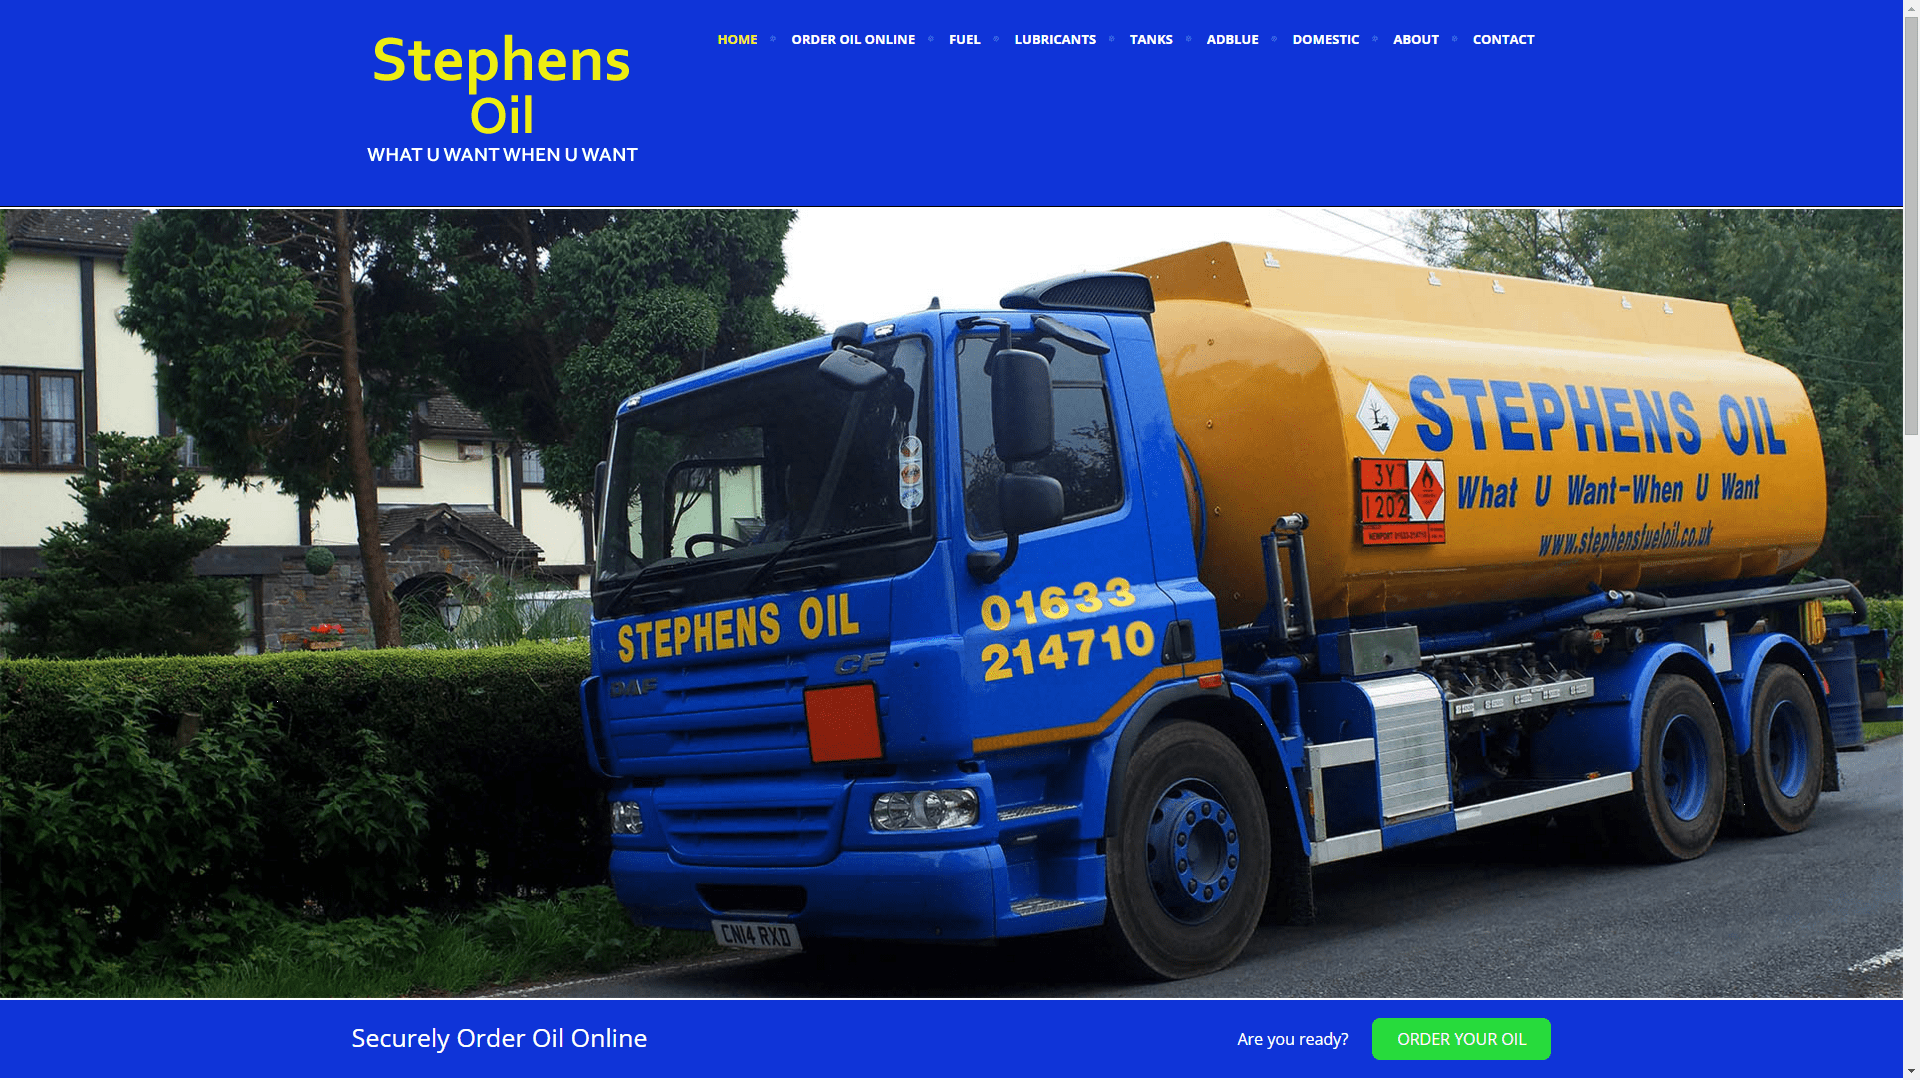 Stephens Oil